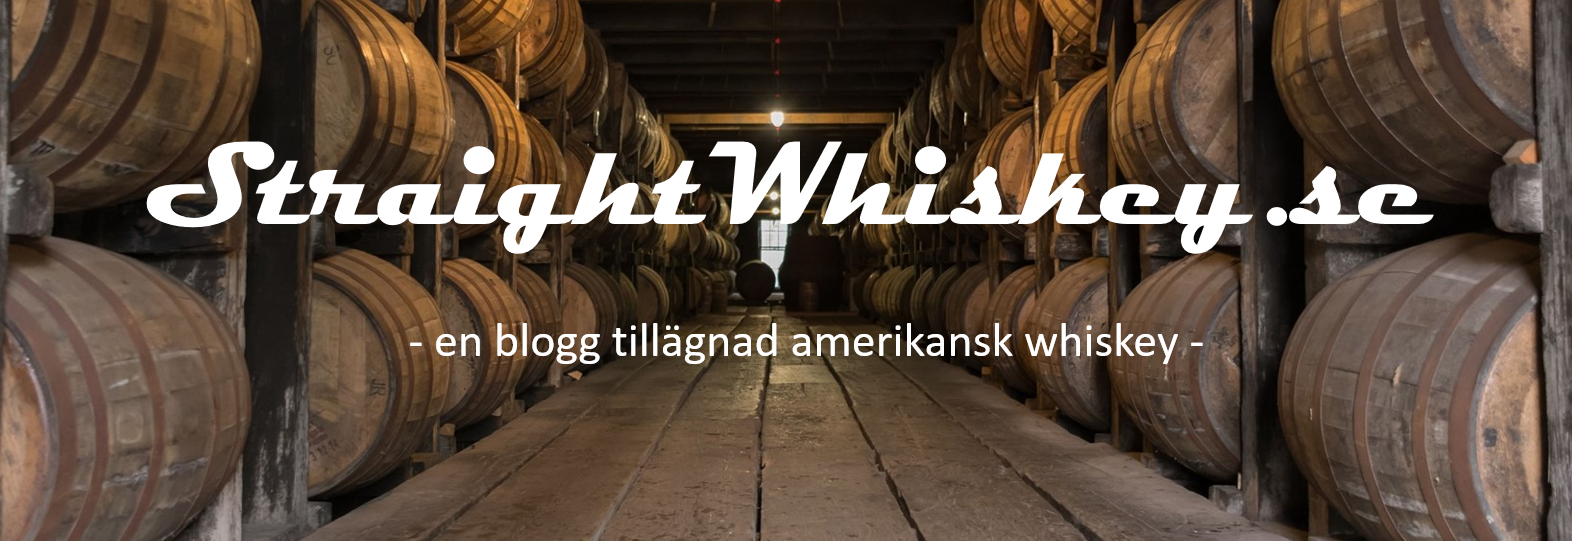 Straightwhiskey.se